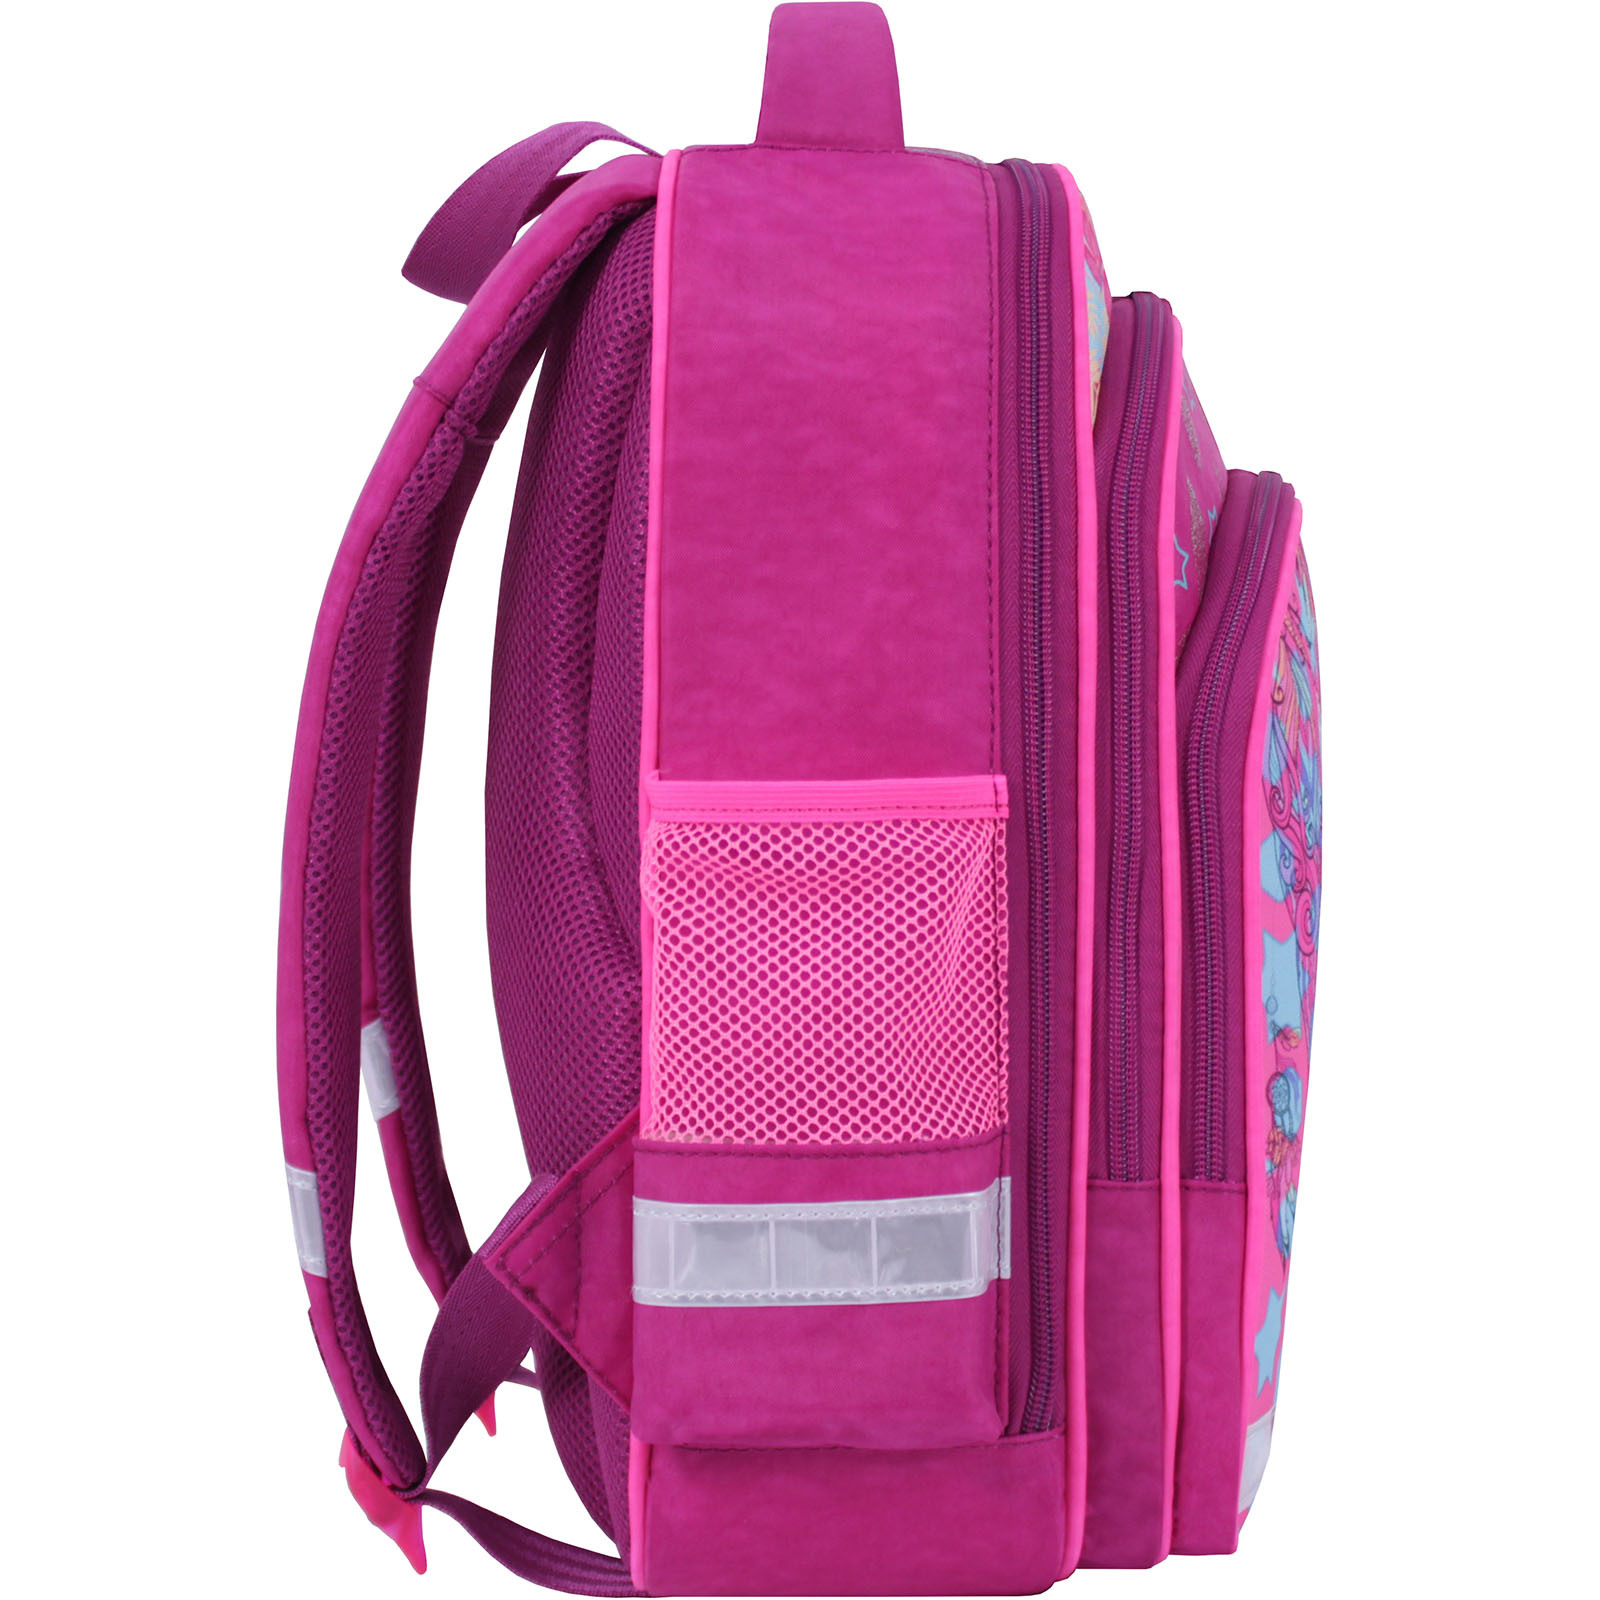 Рюкзак школьный Bagland Mouse 143 малиновый 514 (0051370) фото 2